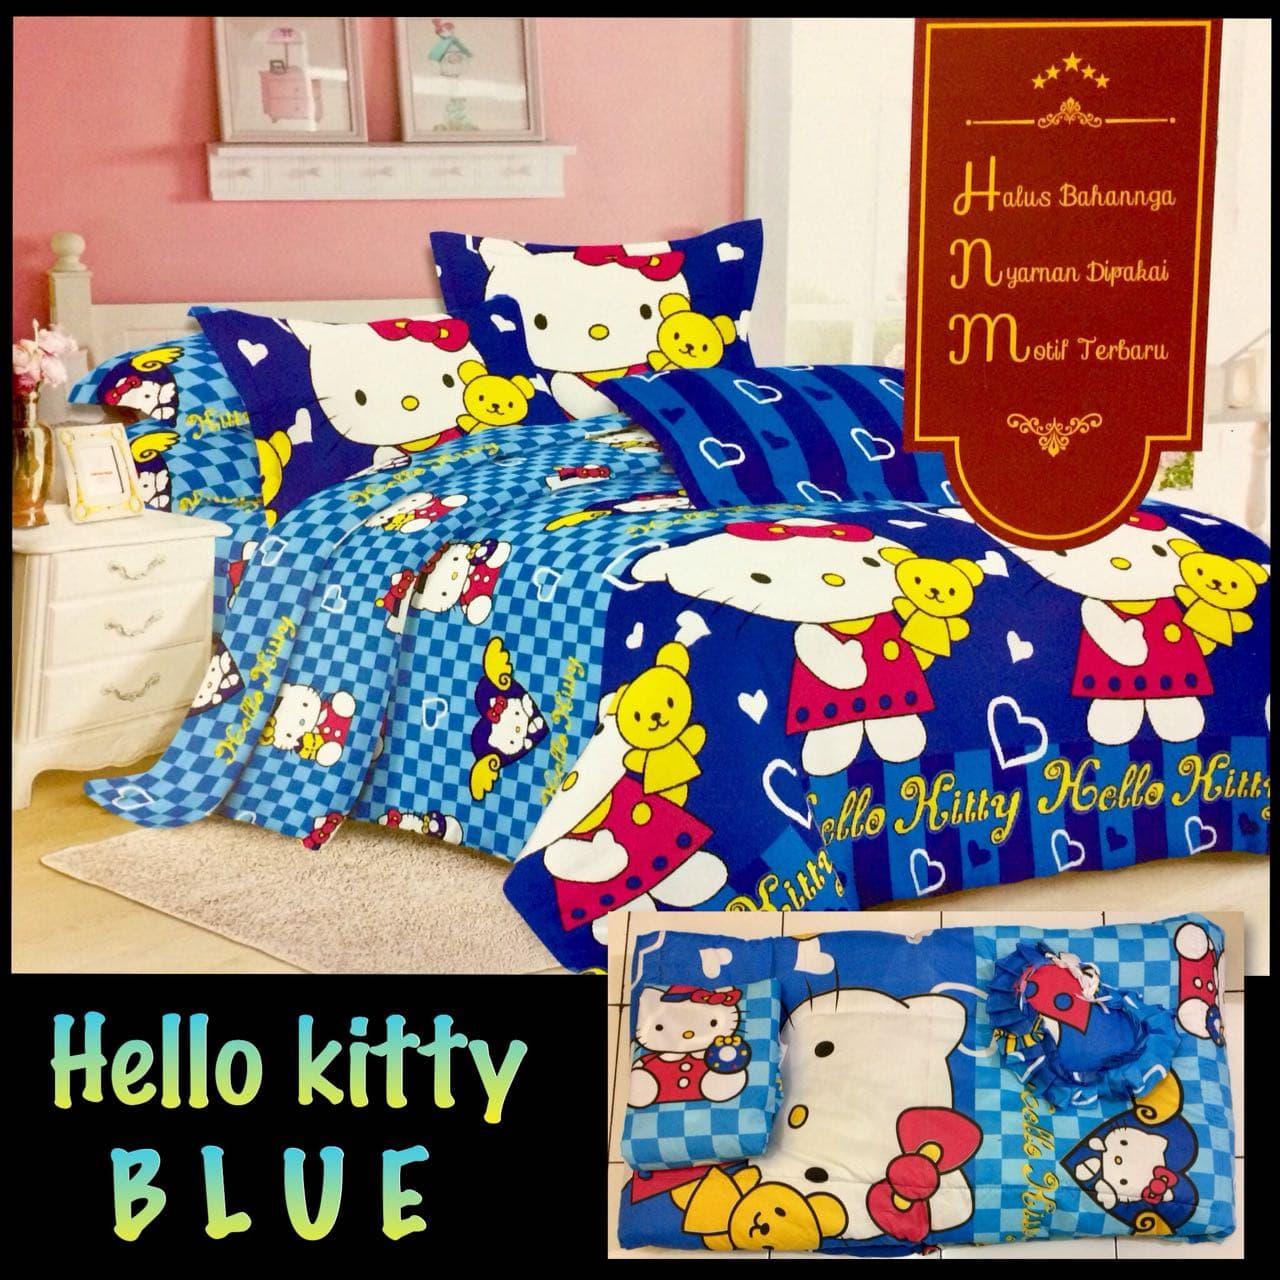 Jual Bed Cover Set Sprei Motif Hello Kitty Ukuran King Size Seprei 180x200 Hk